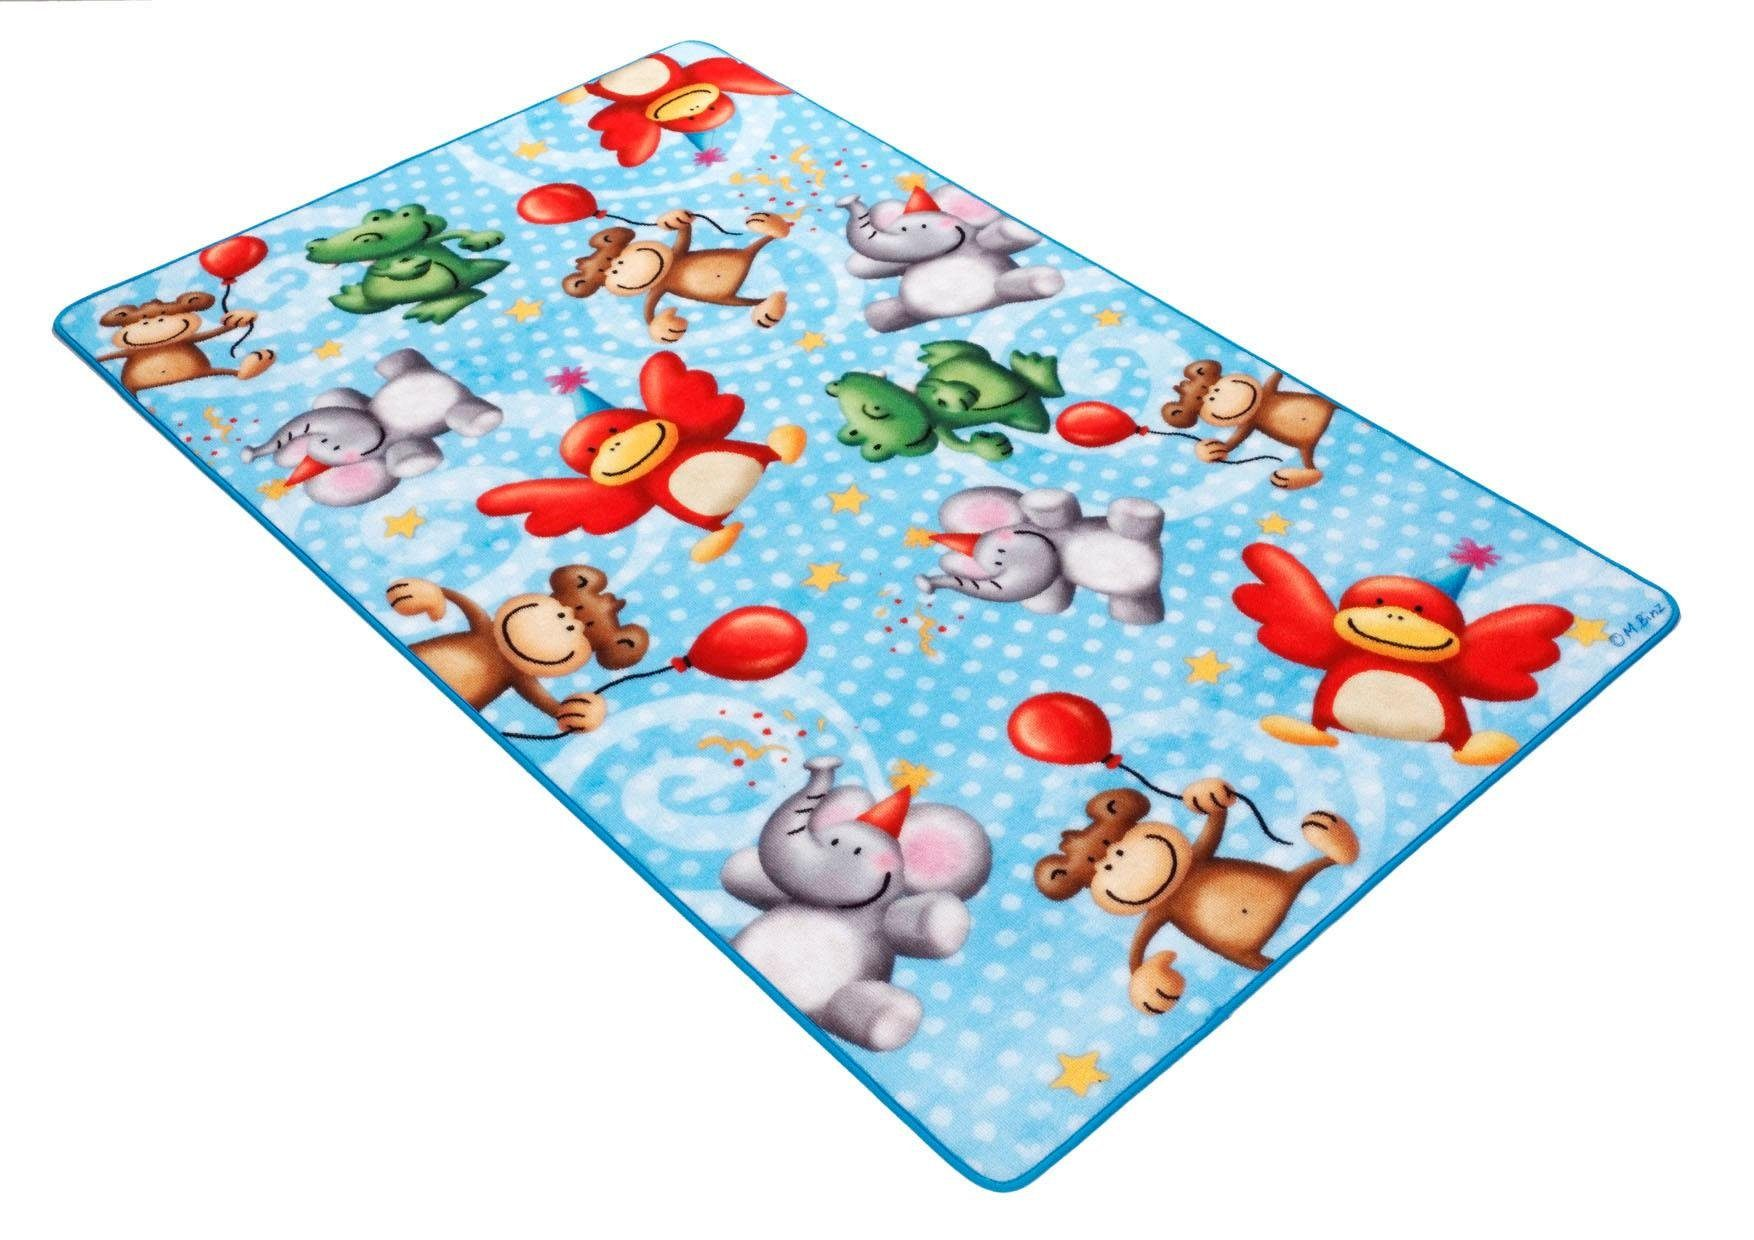 Kinderteppich »Lovely Kids LK-4«, Böing Carpet, rechteckig, Höhe 2 mm, rutschhemmend beschichtet